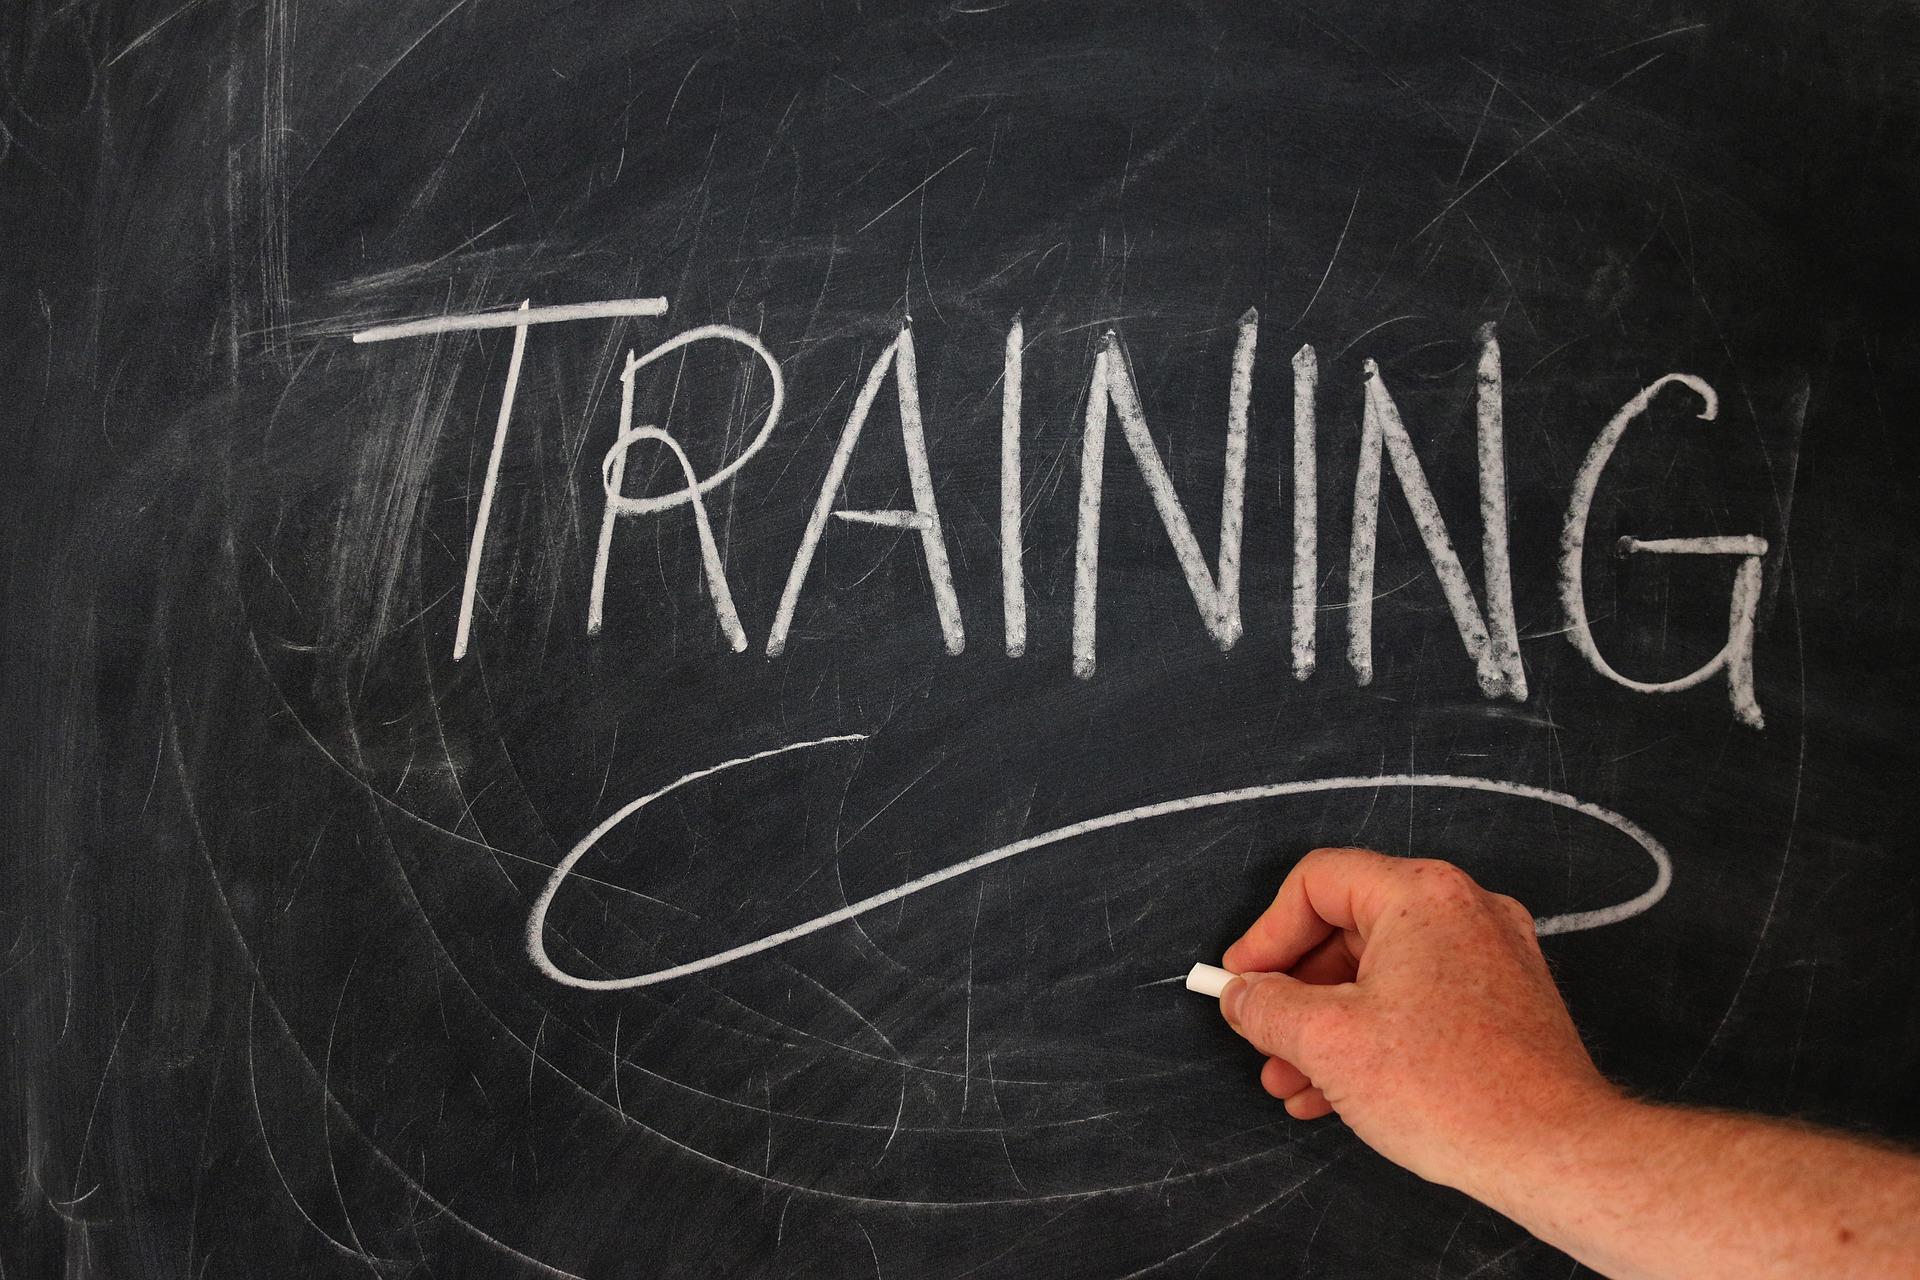 Mba training